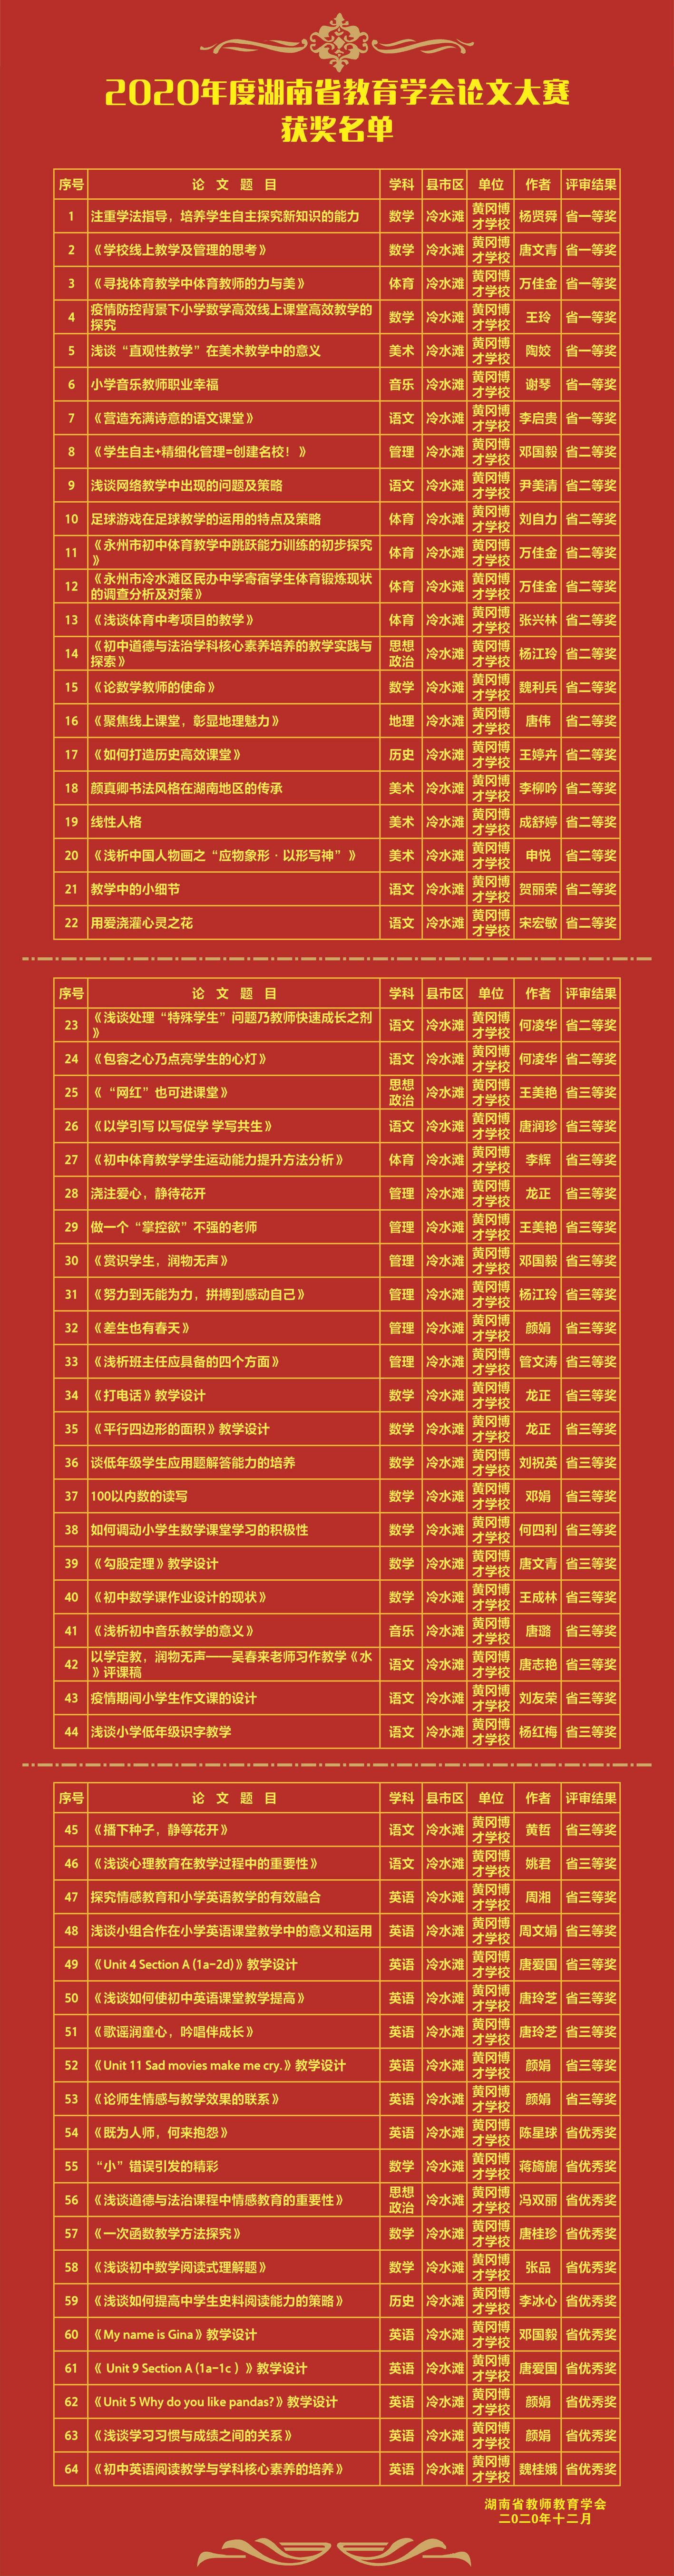 永州市黄冈博才学校64篇论文获省级荣誉